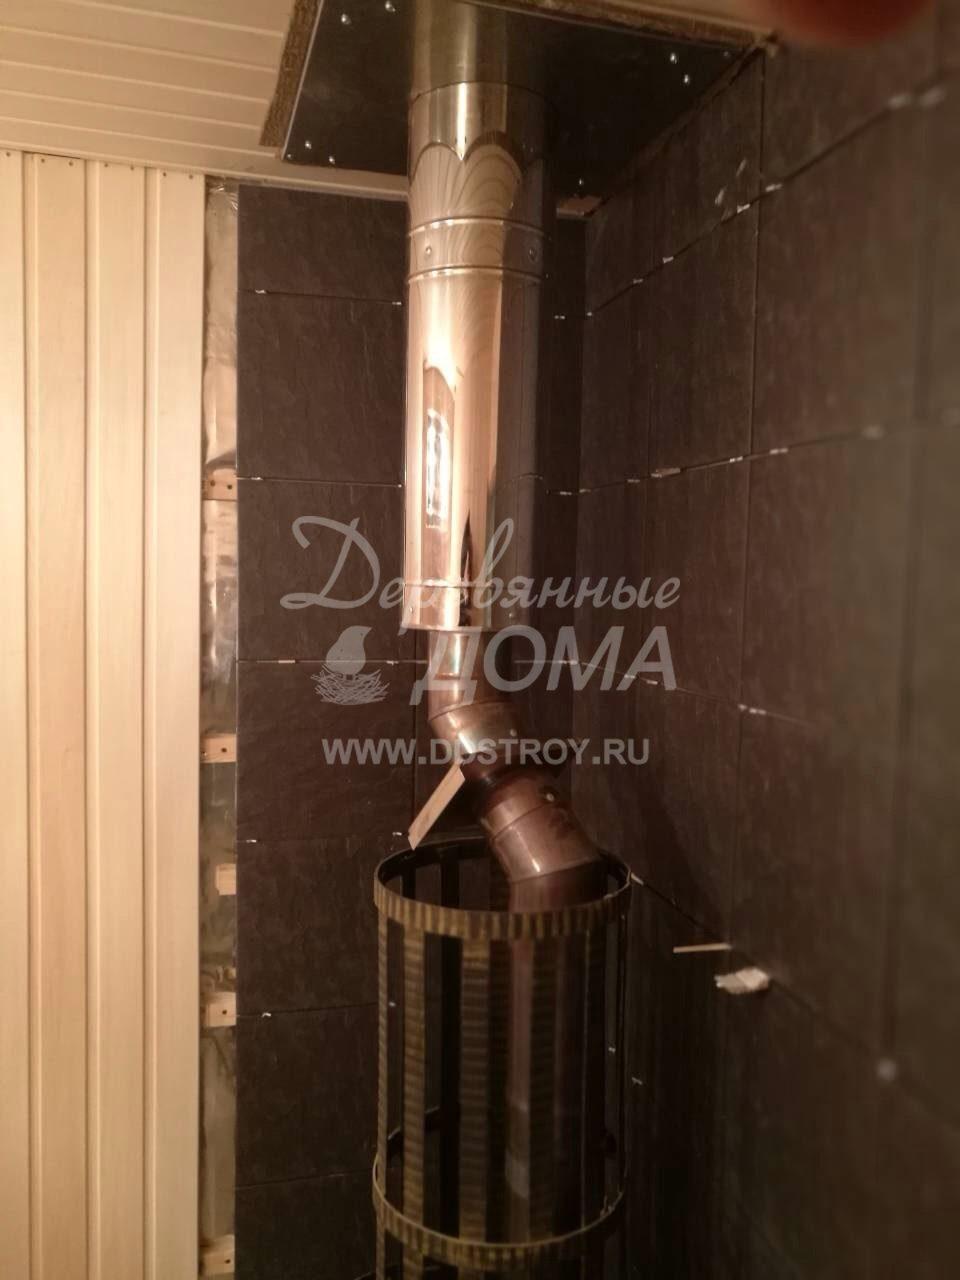 Продолжаются внутренние отделочные работы в бане д. Дегтярево (14.02.2018)